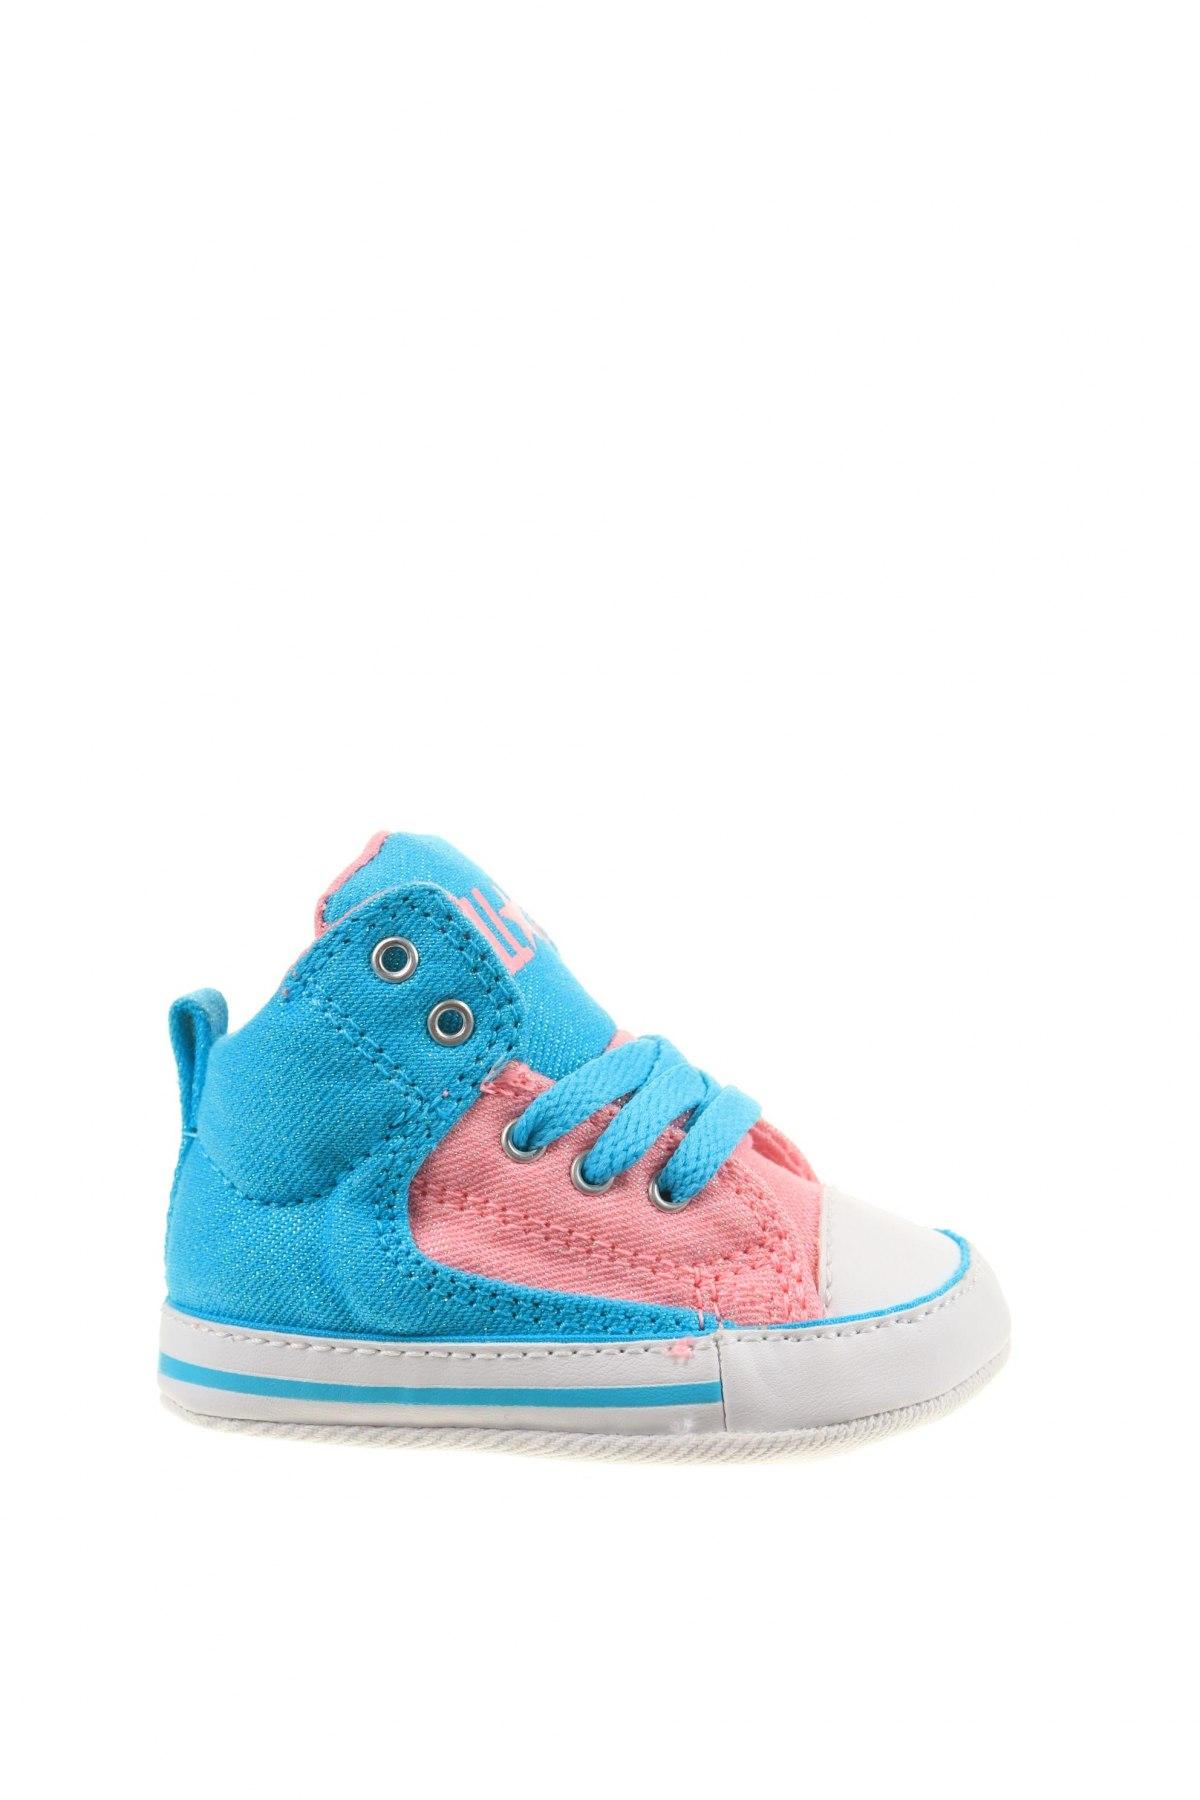 Παιδικά παπούτσια Converse, Μέγεθος 18, Χρώμα Πολύχρωμο, Κλωστοϋφαντουργικά προϊόντα, Τιμή 16,12€